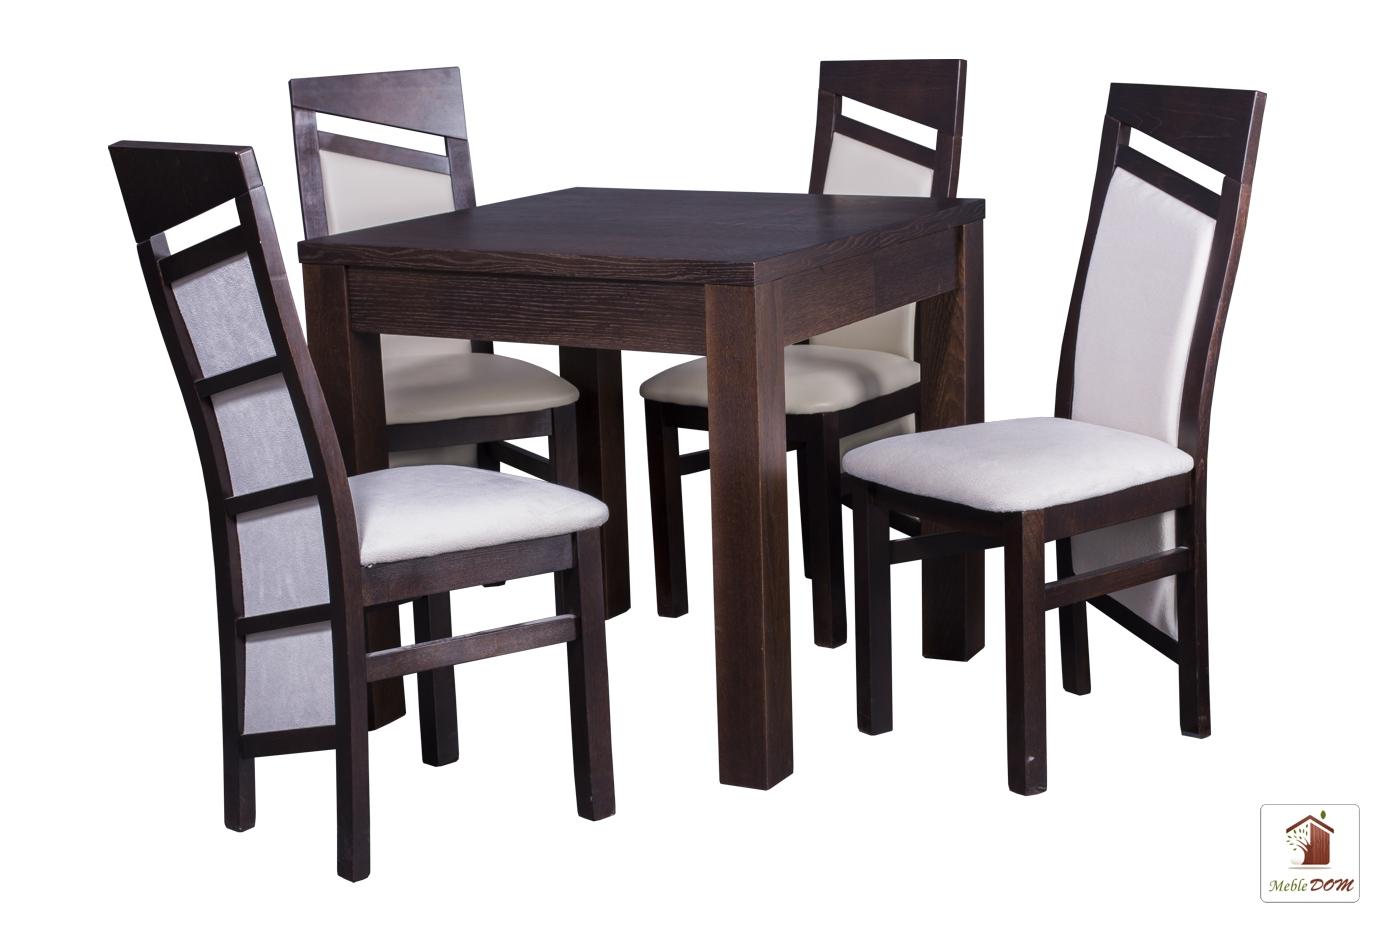 Kwadratowy stół rozkładany Strong Square z krzesłami Edward